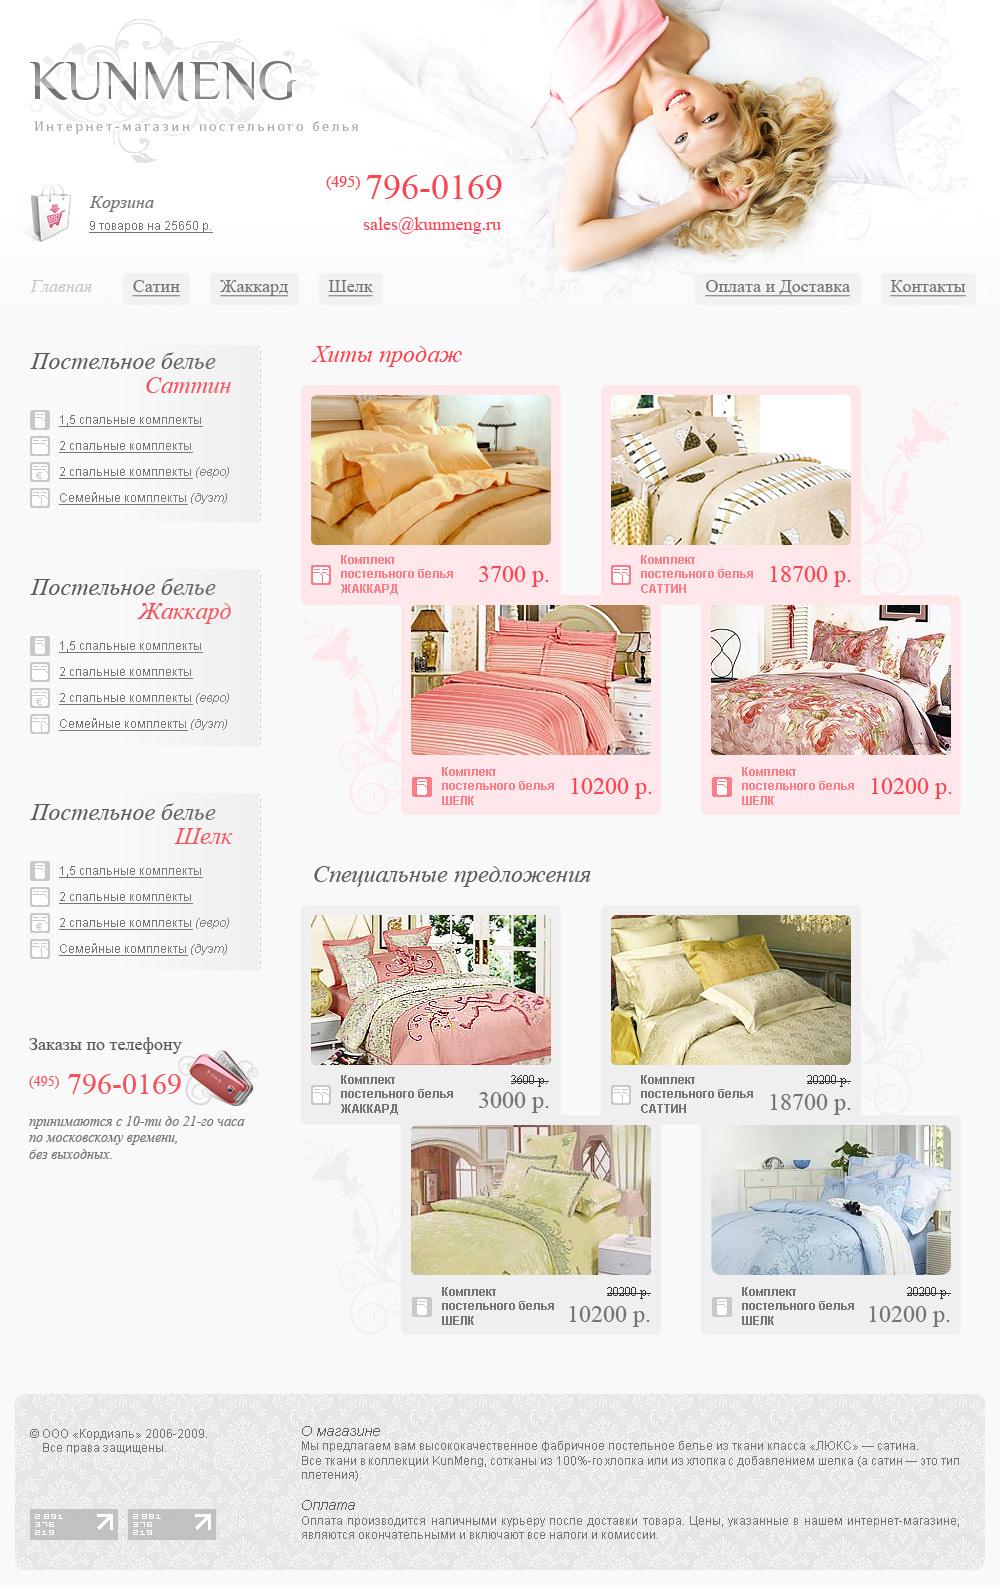 Kunmeng - постельное белье